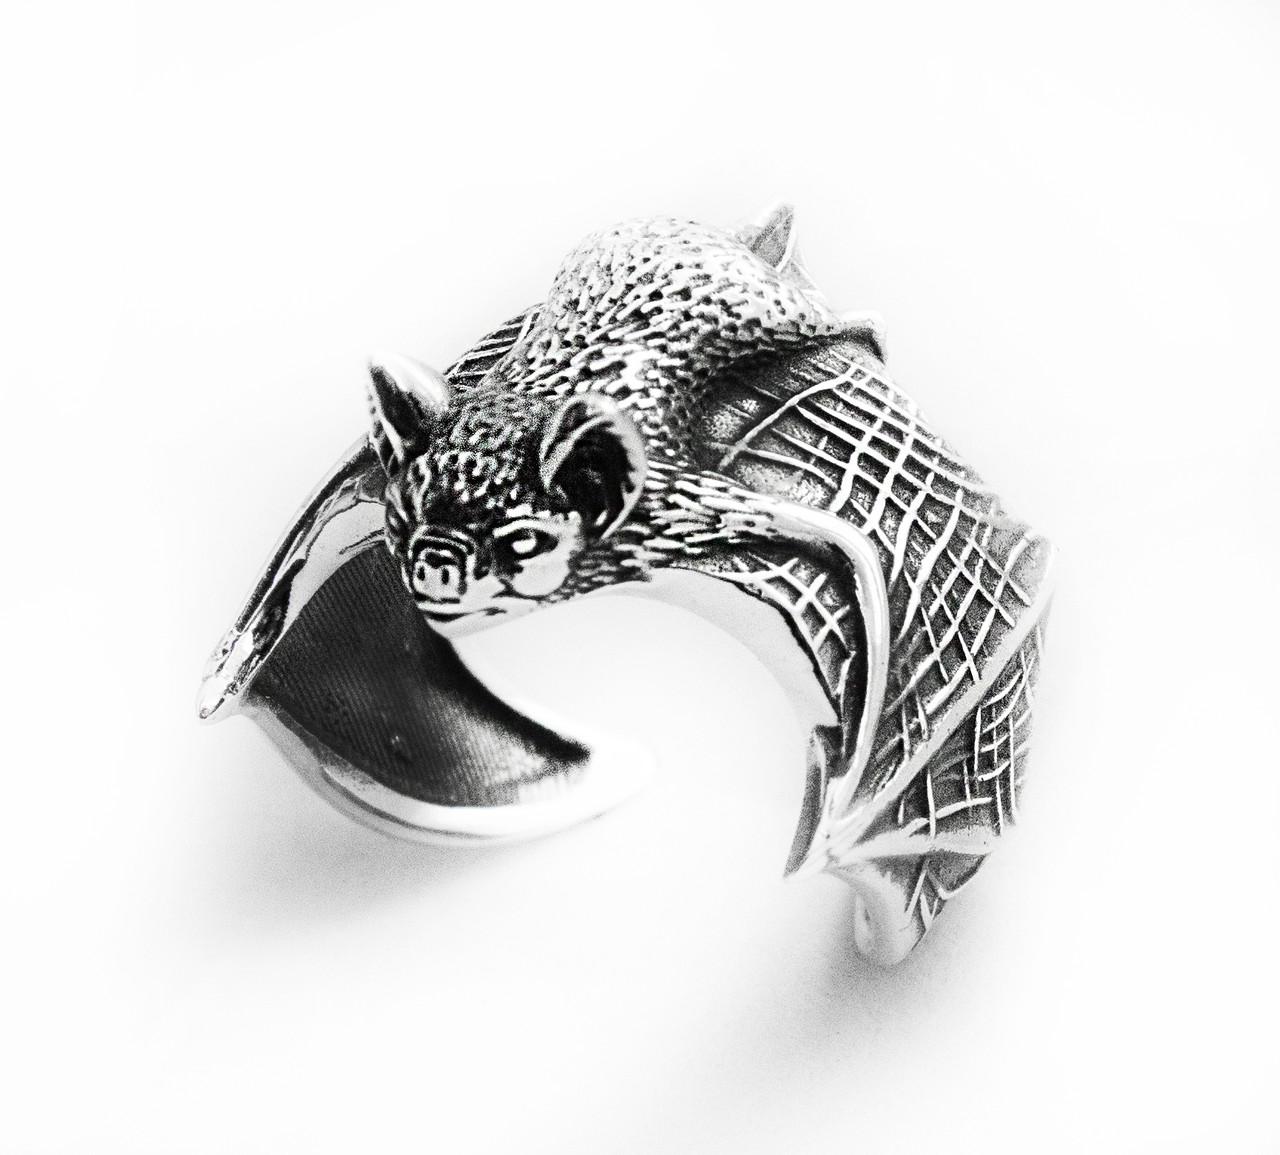 Кольцо мужское серебряное Летучая мышь 212 800